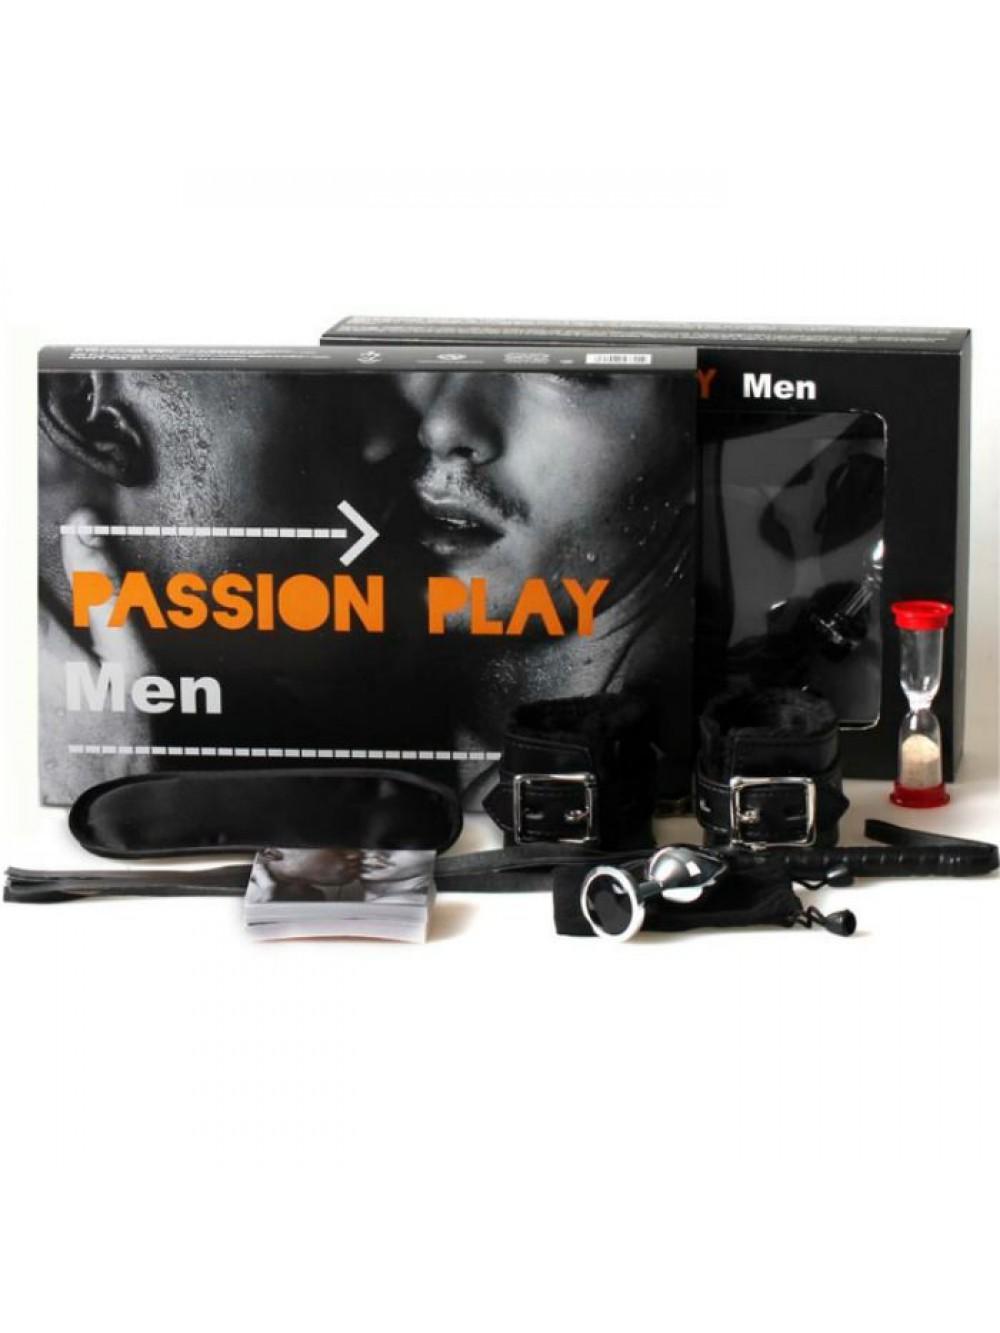 JUEGO PASSION PLAY  GAY MEN FEMARVI 8435097536019